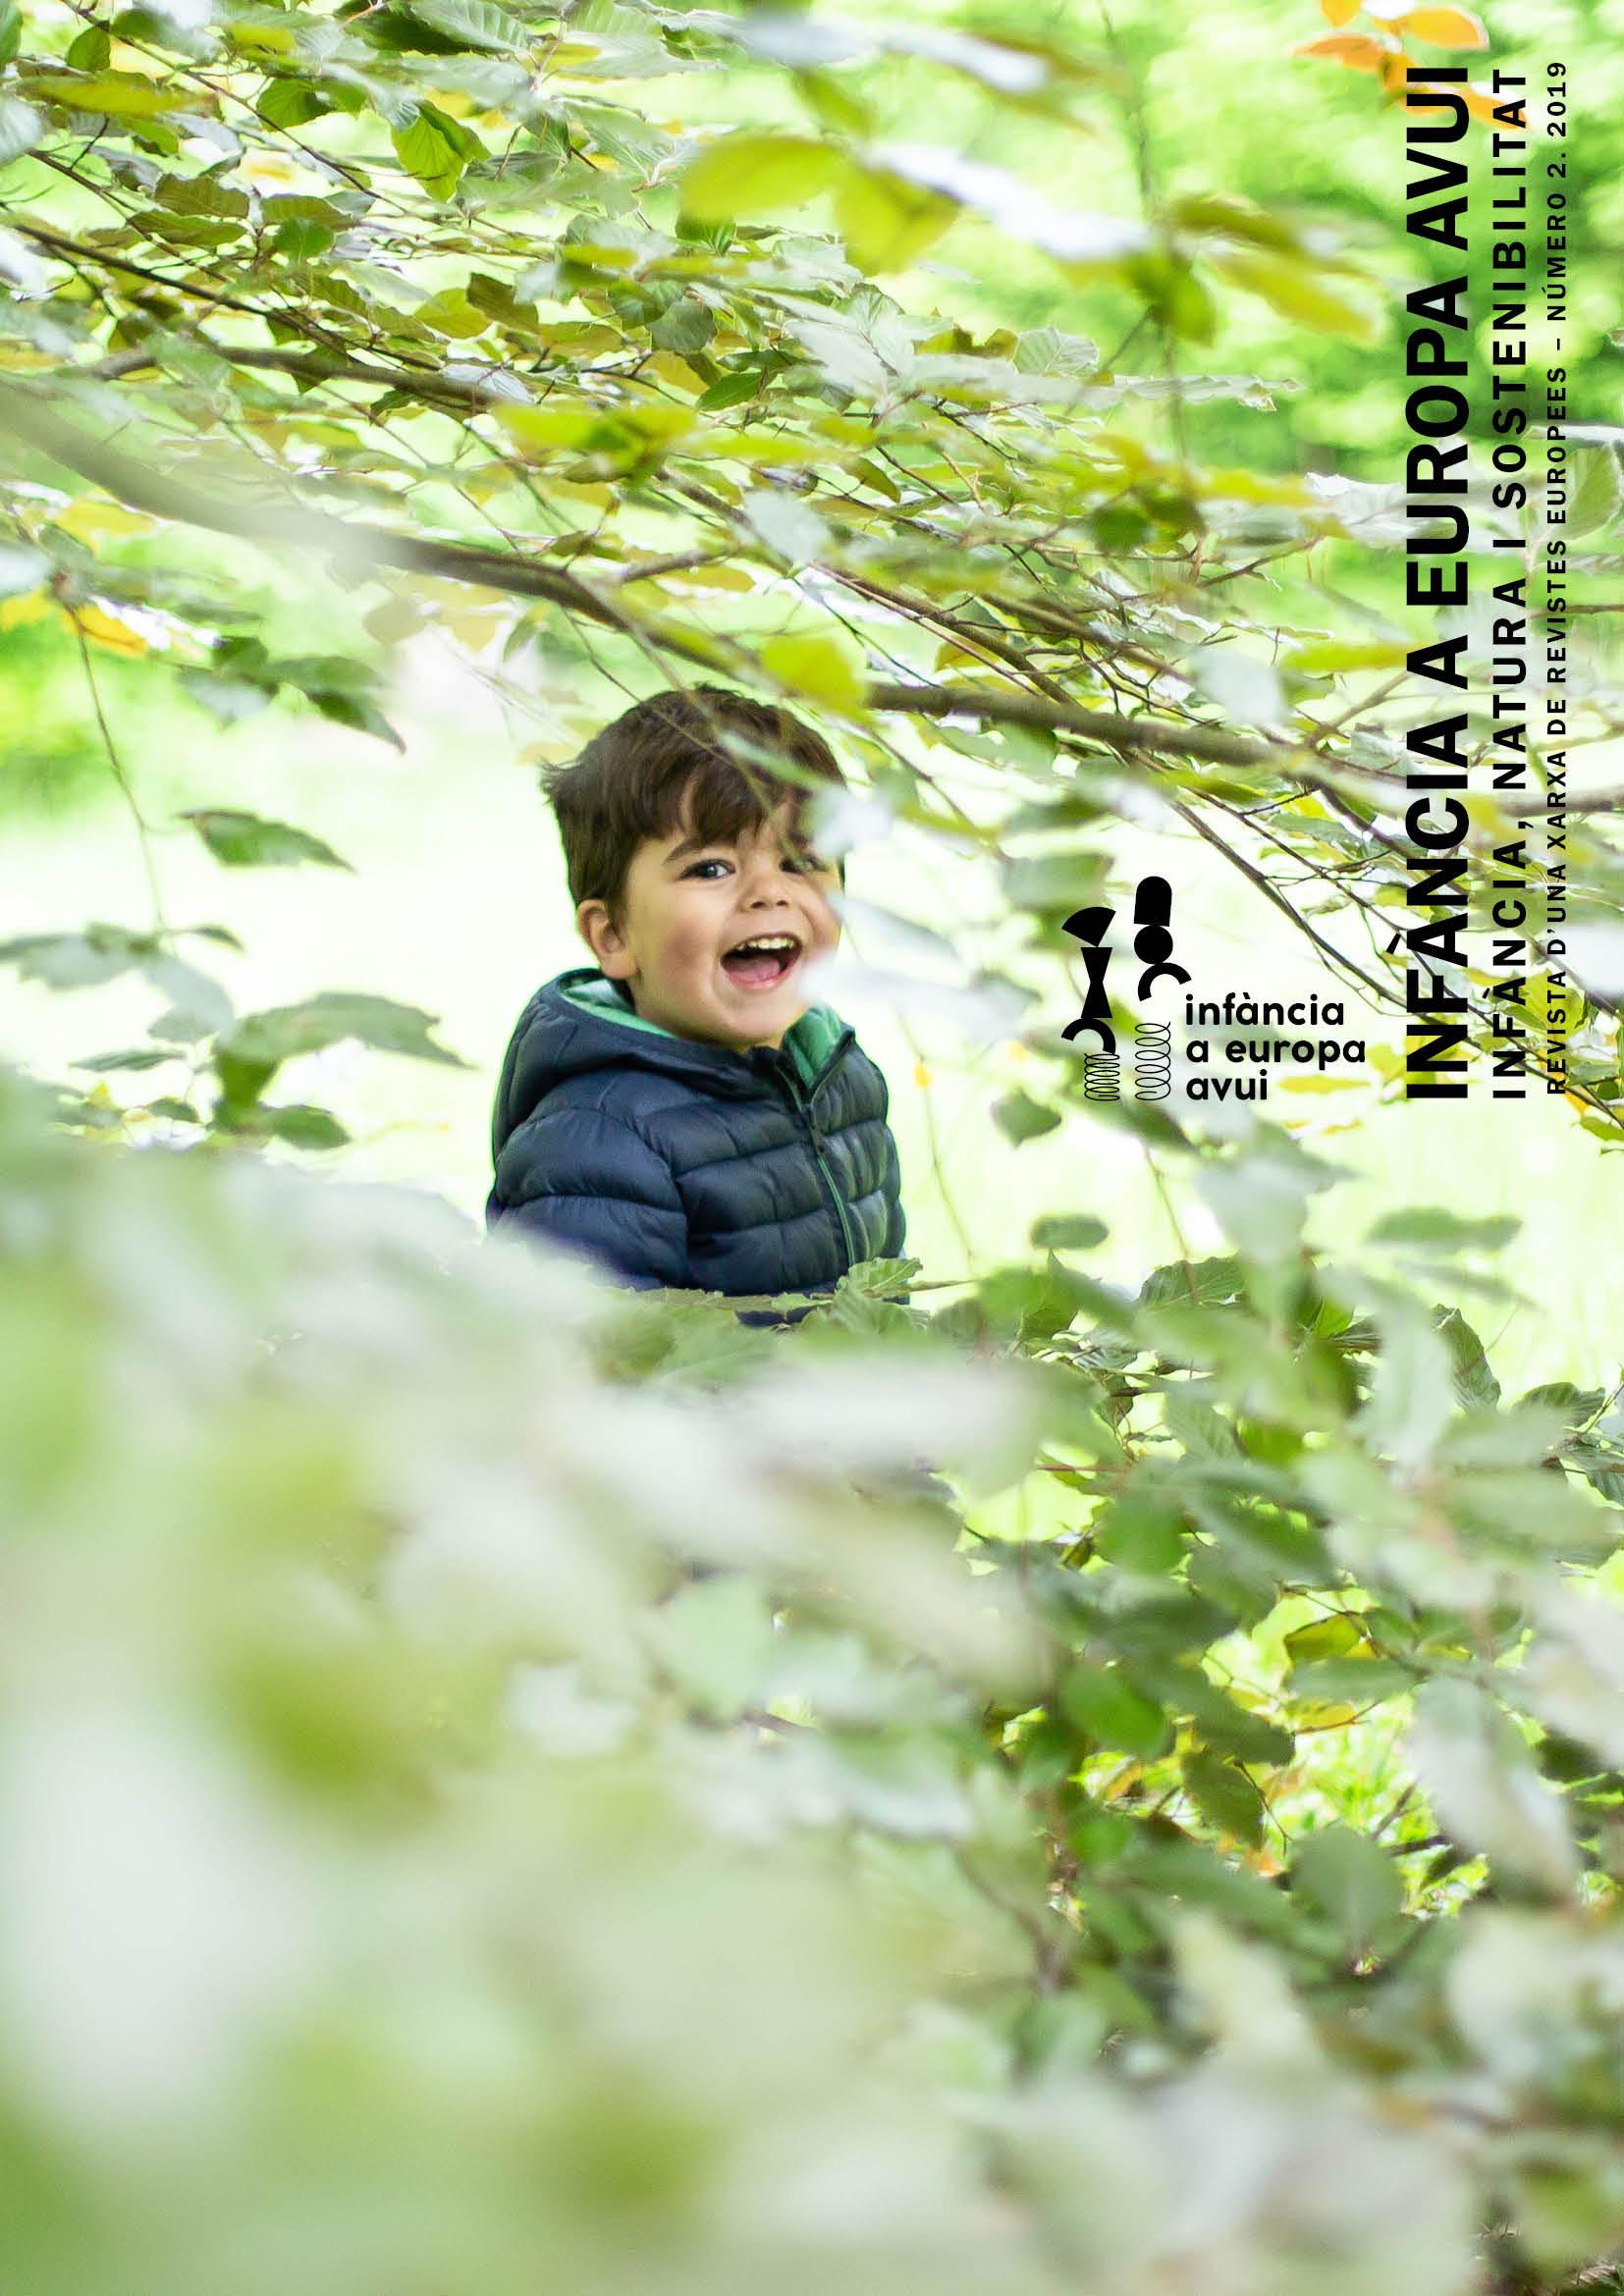 Infància a Europa avui. Infància, natura i sostenibilitat. Número 2